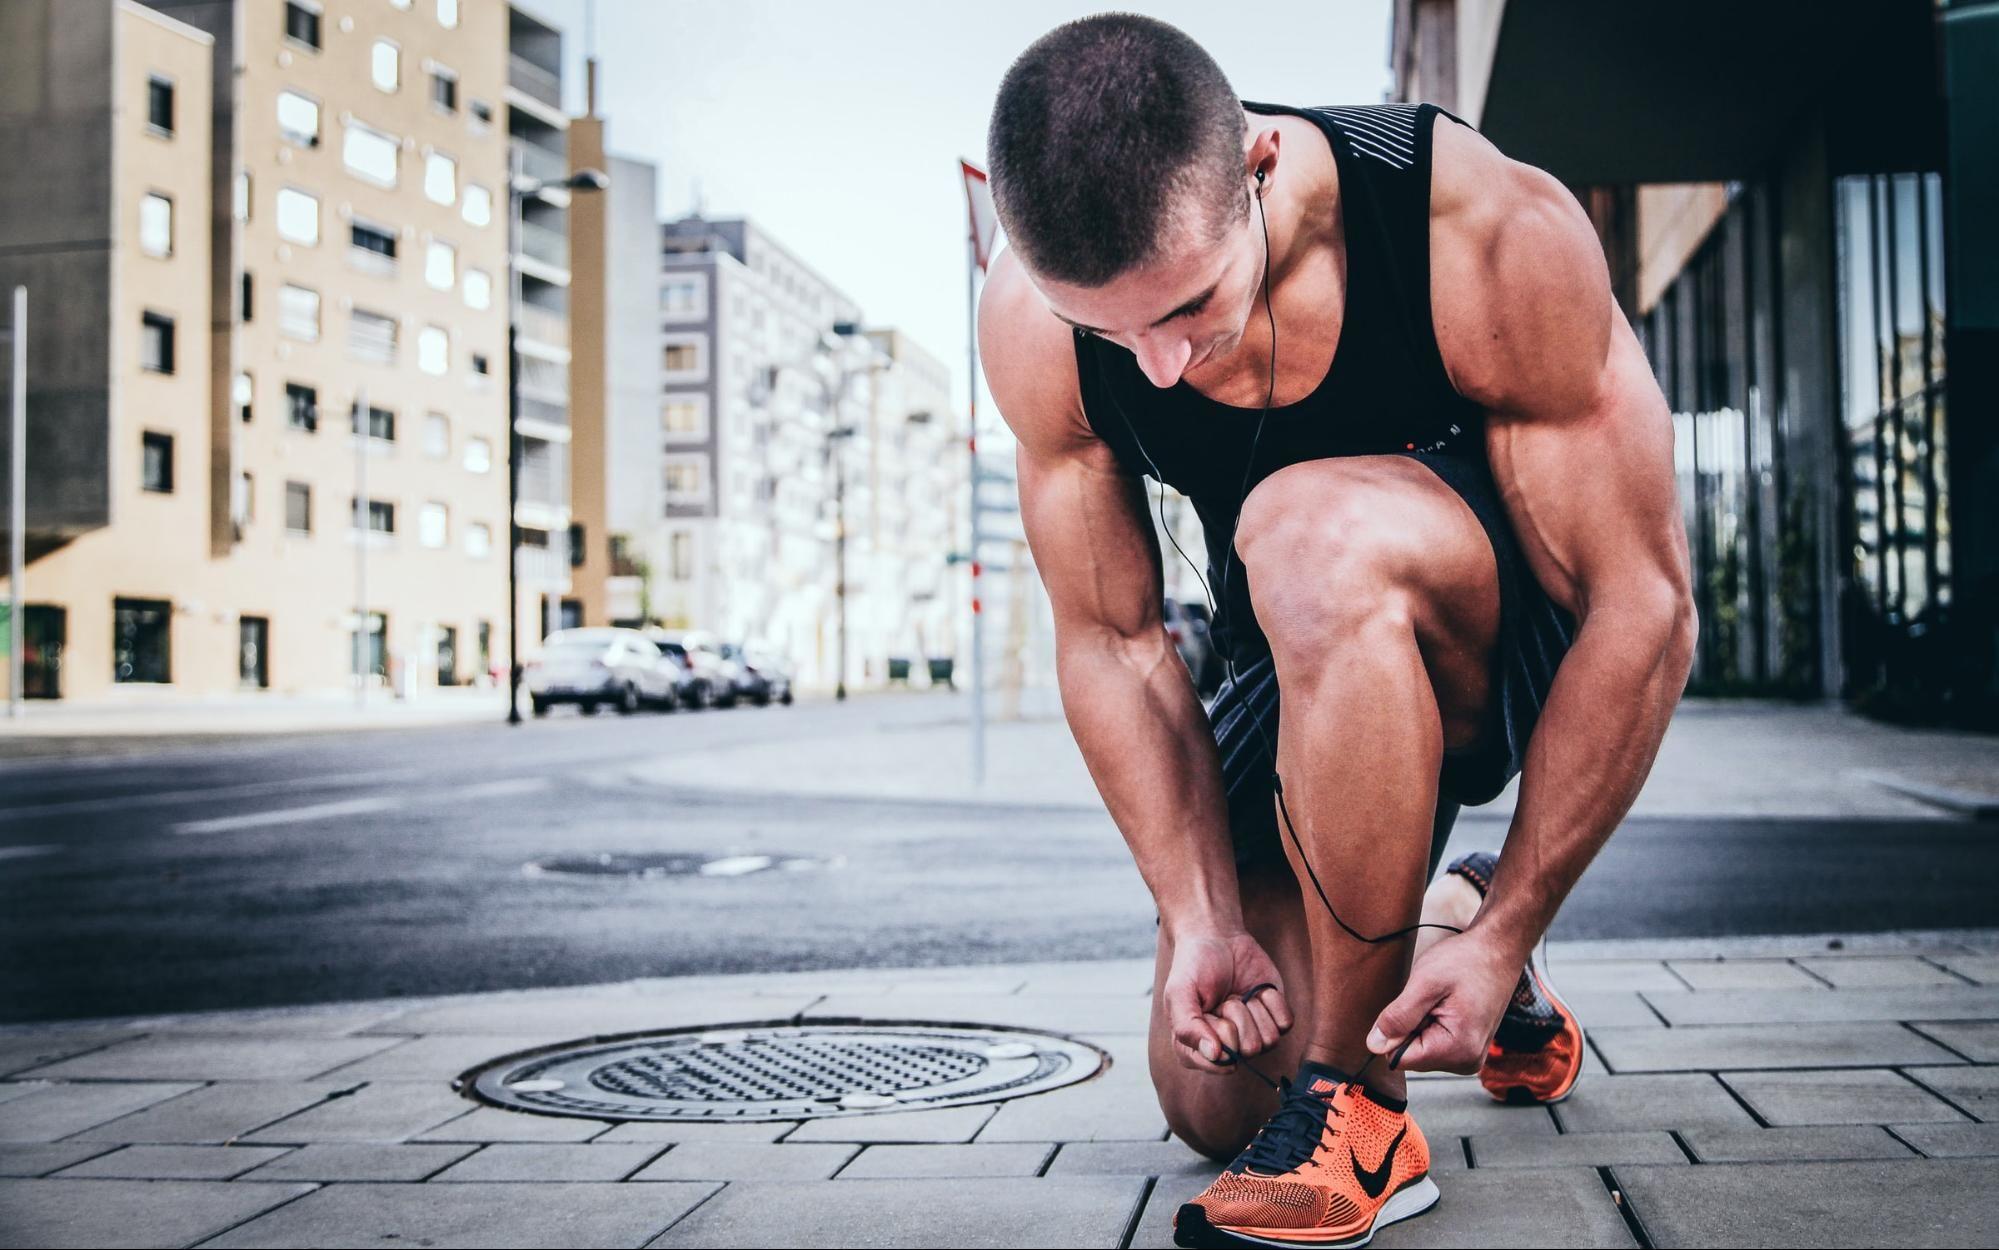 Бег: как начать бегать правильно и эффективно? - изображение 4